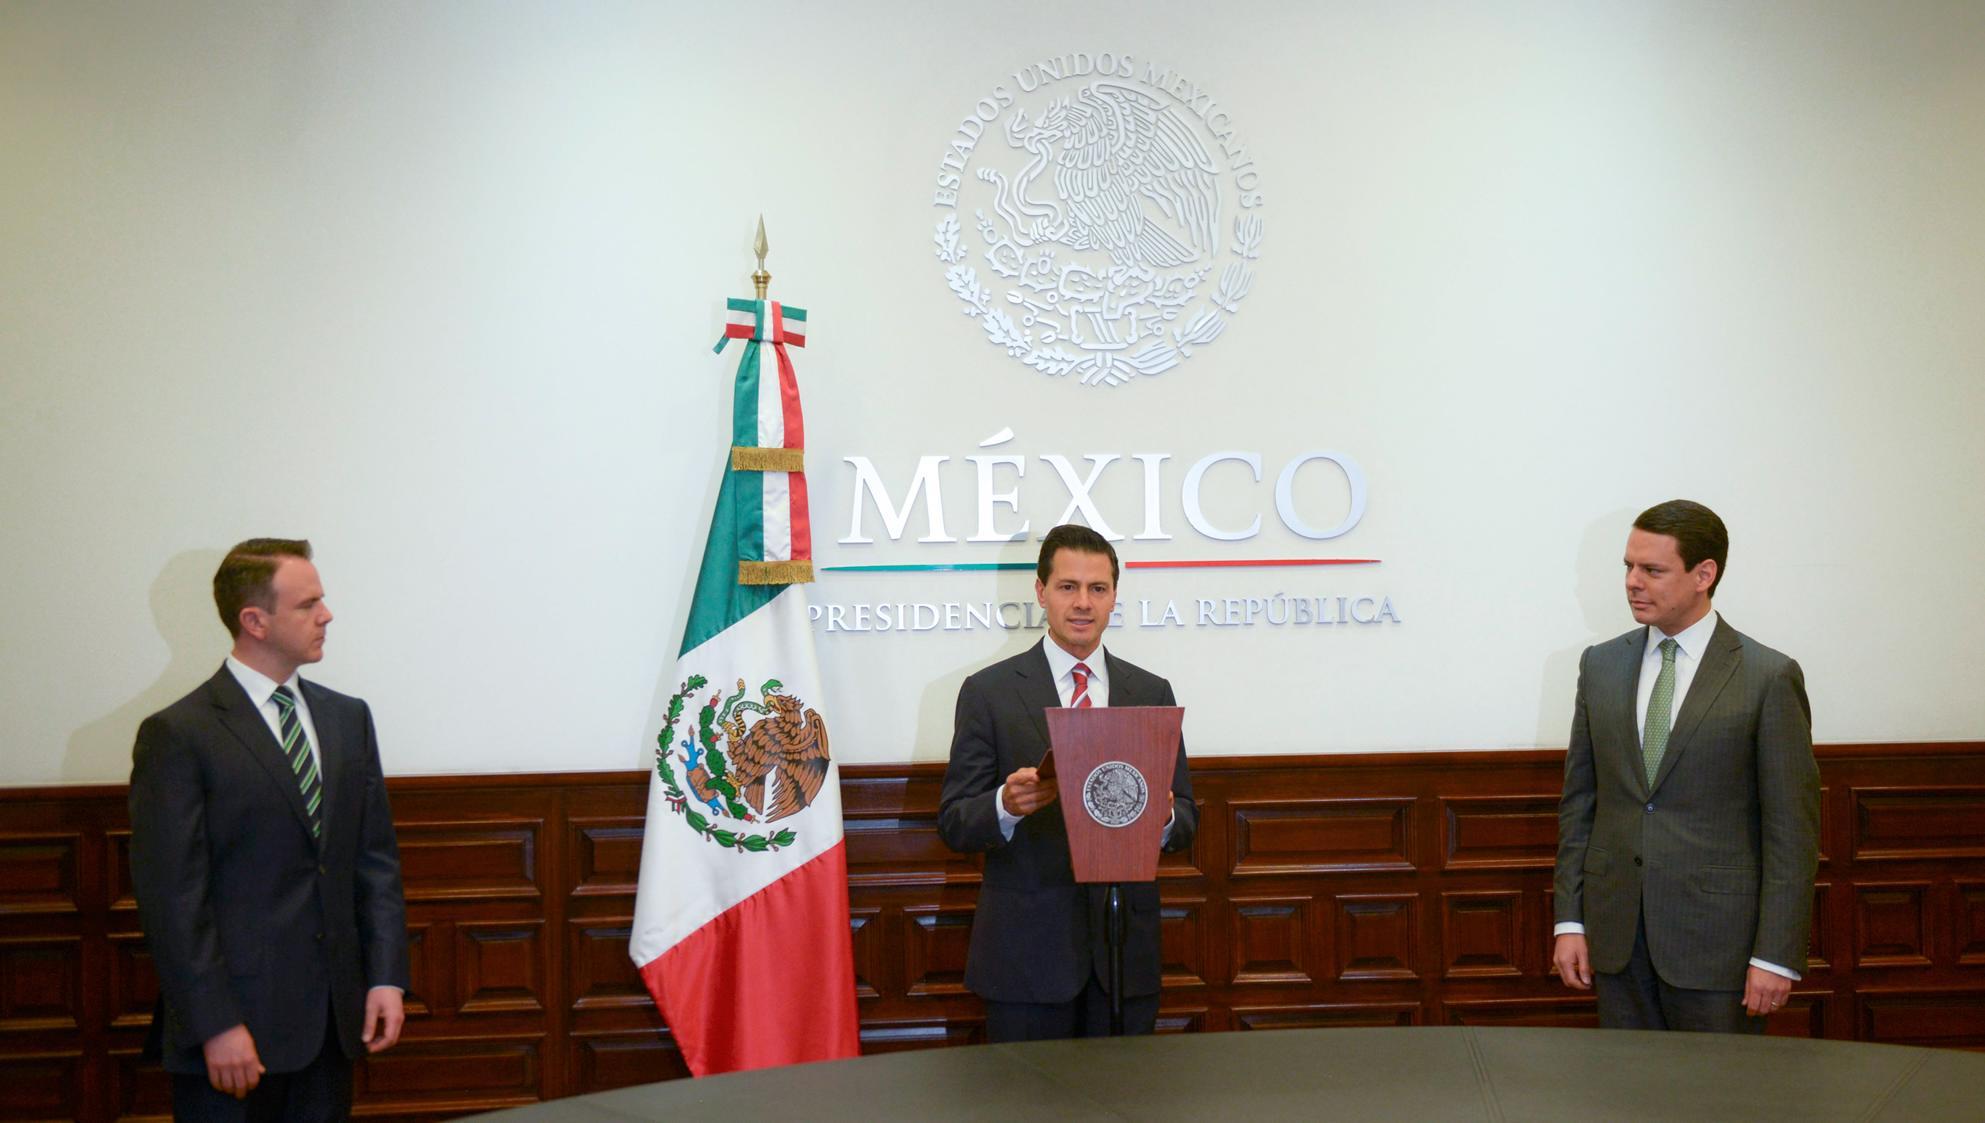 El Primer Mandatario toma protesta al doctor Jaime Francisco Hernández Martínez como Director General de la Comisión Federal de Electricidad.